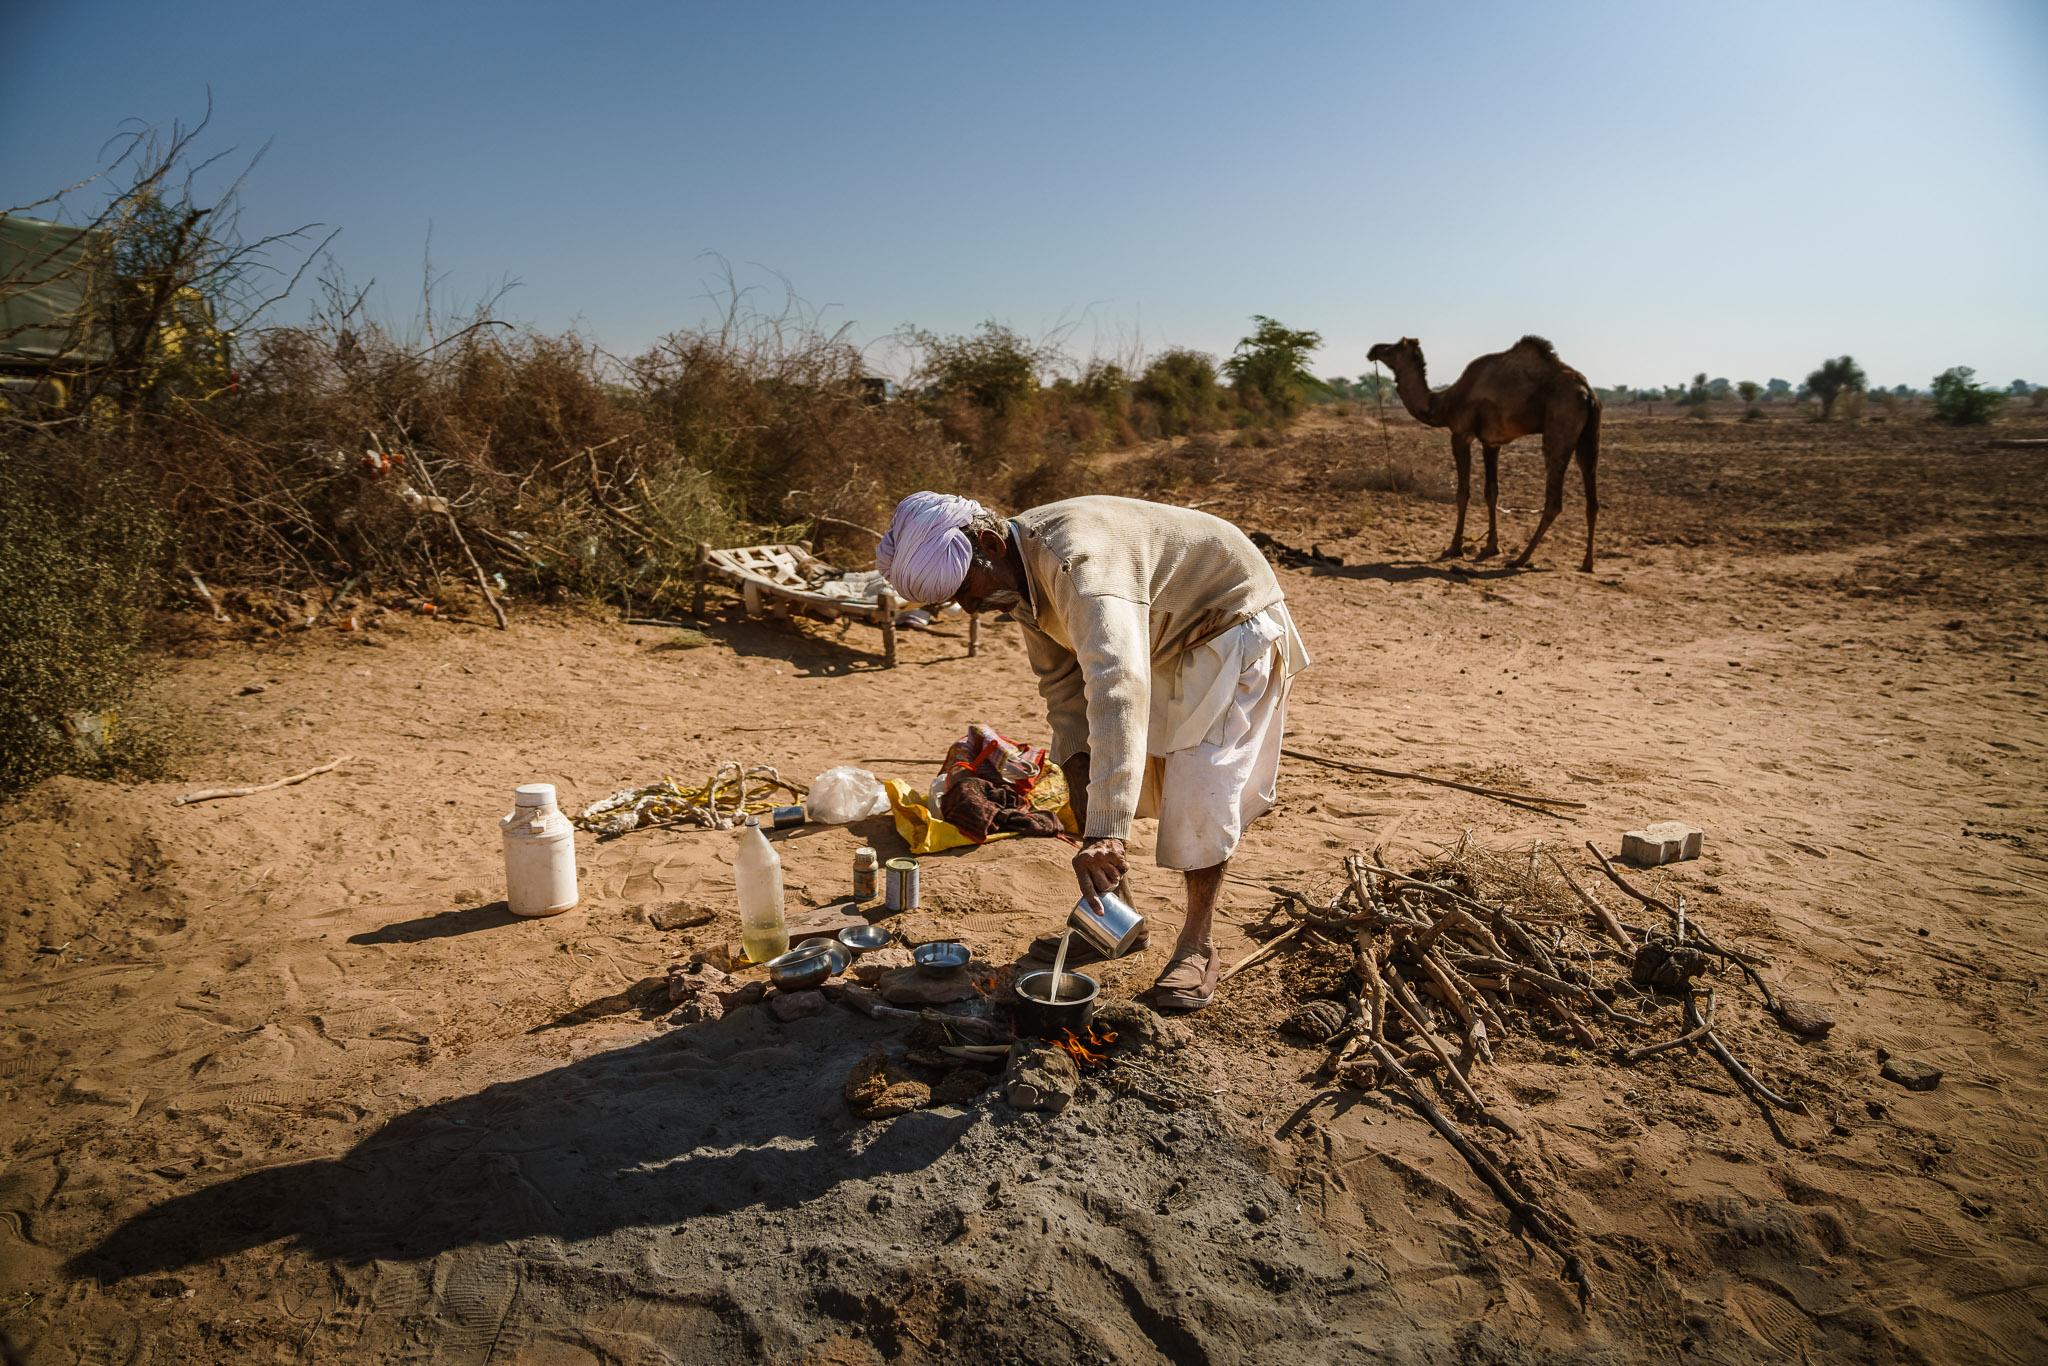 India-pokhran-camel-farmer-8.jpg